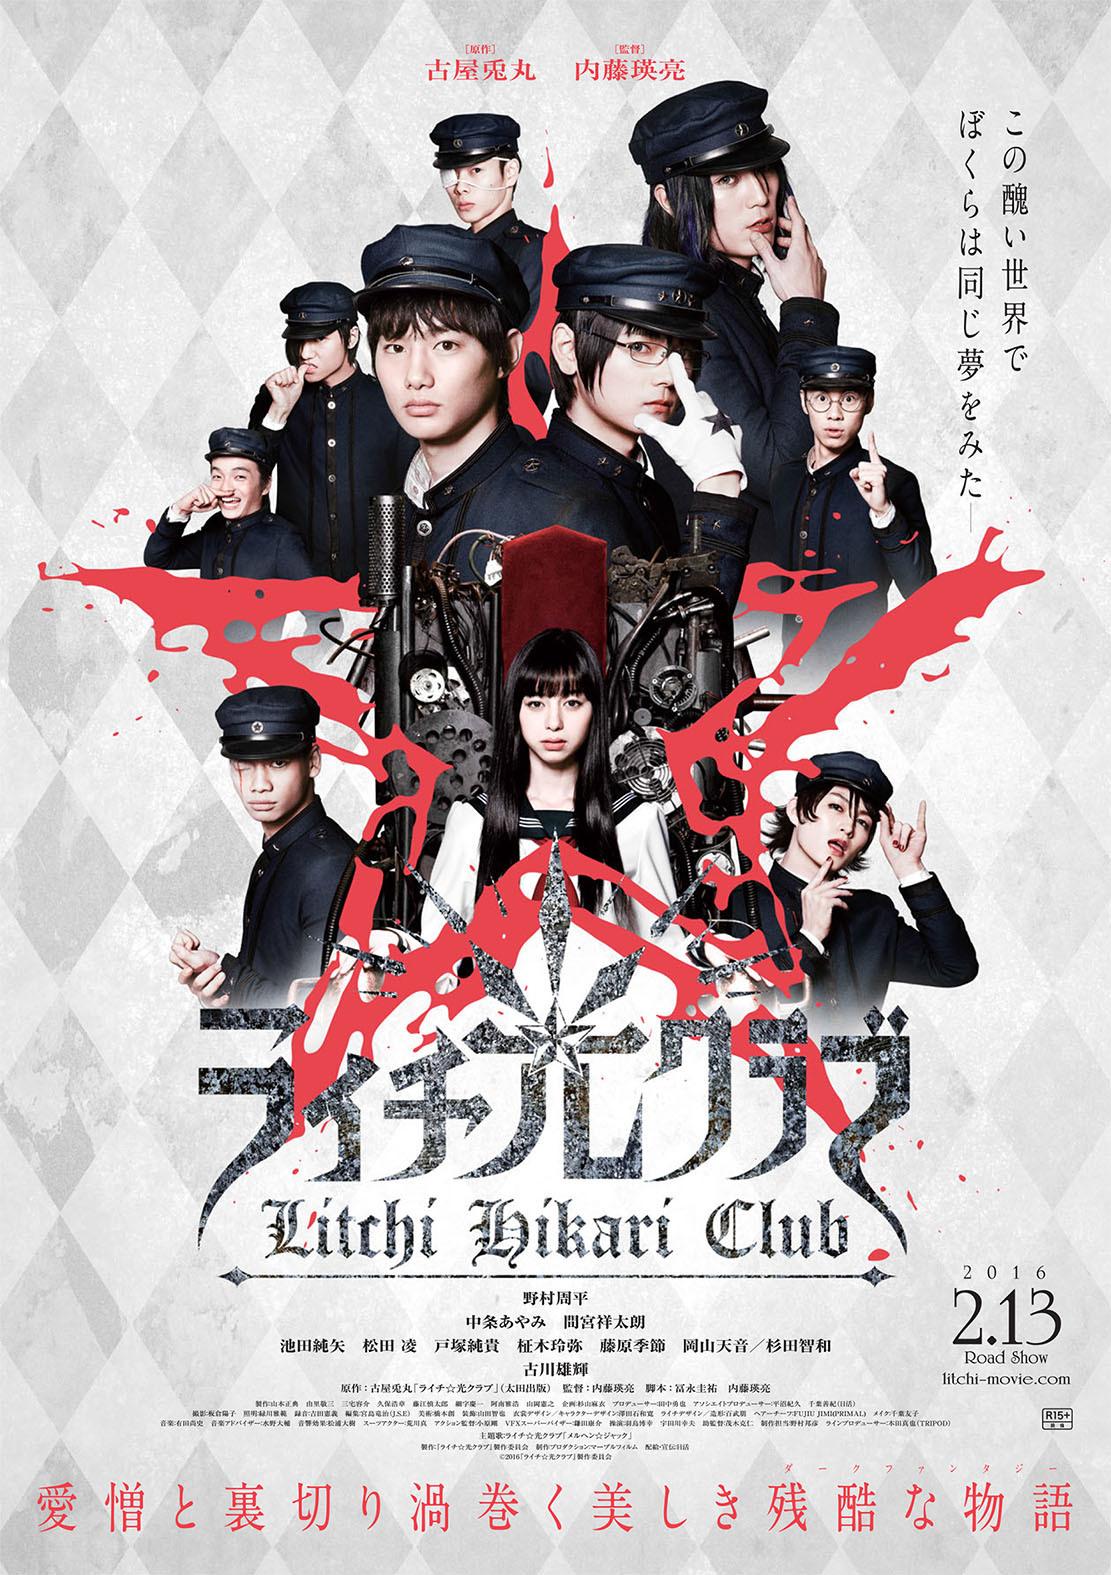 (C)2015『ライチ☆光クラブ』製作委員会